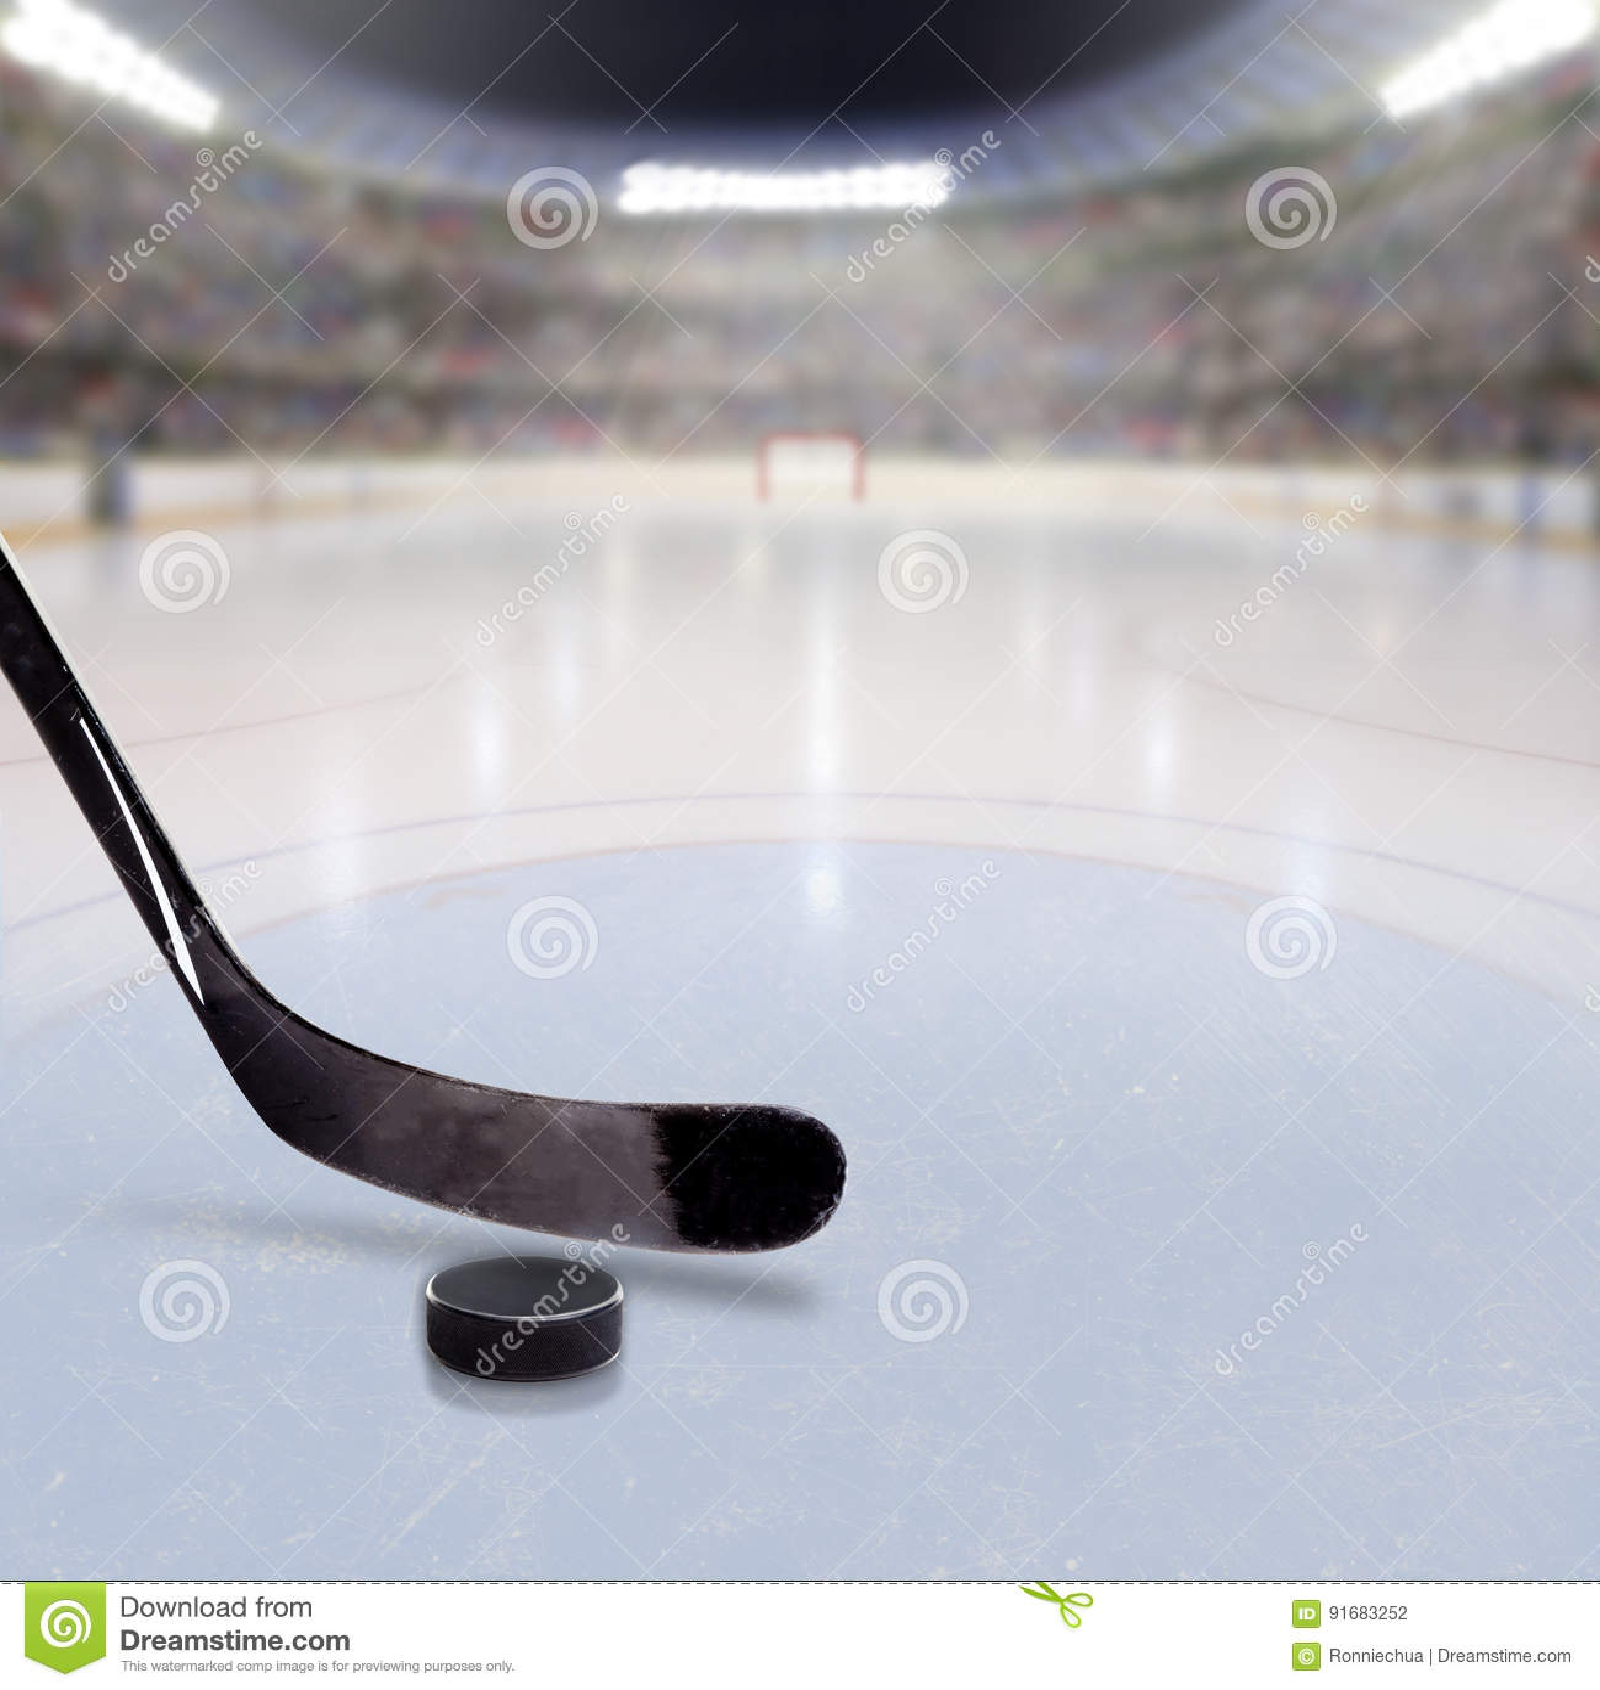 Hokejowy kij i krążek hokojowy na lodzie Zatłoczona arena